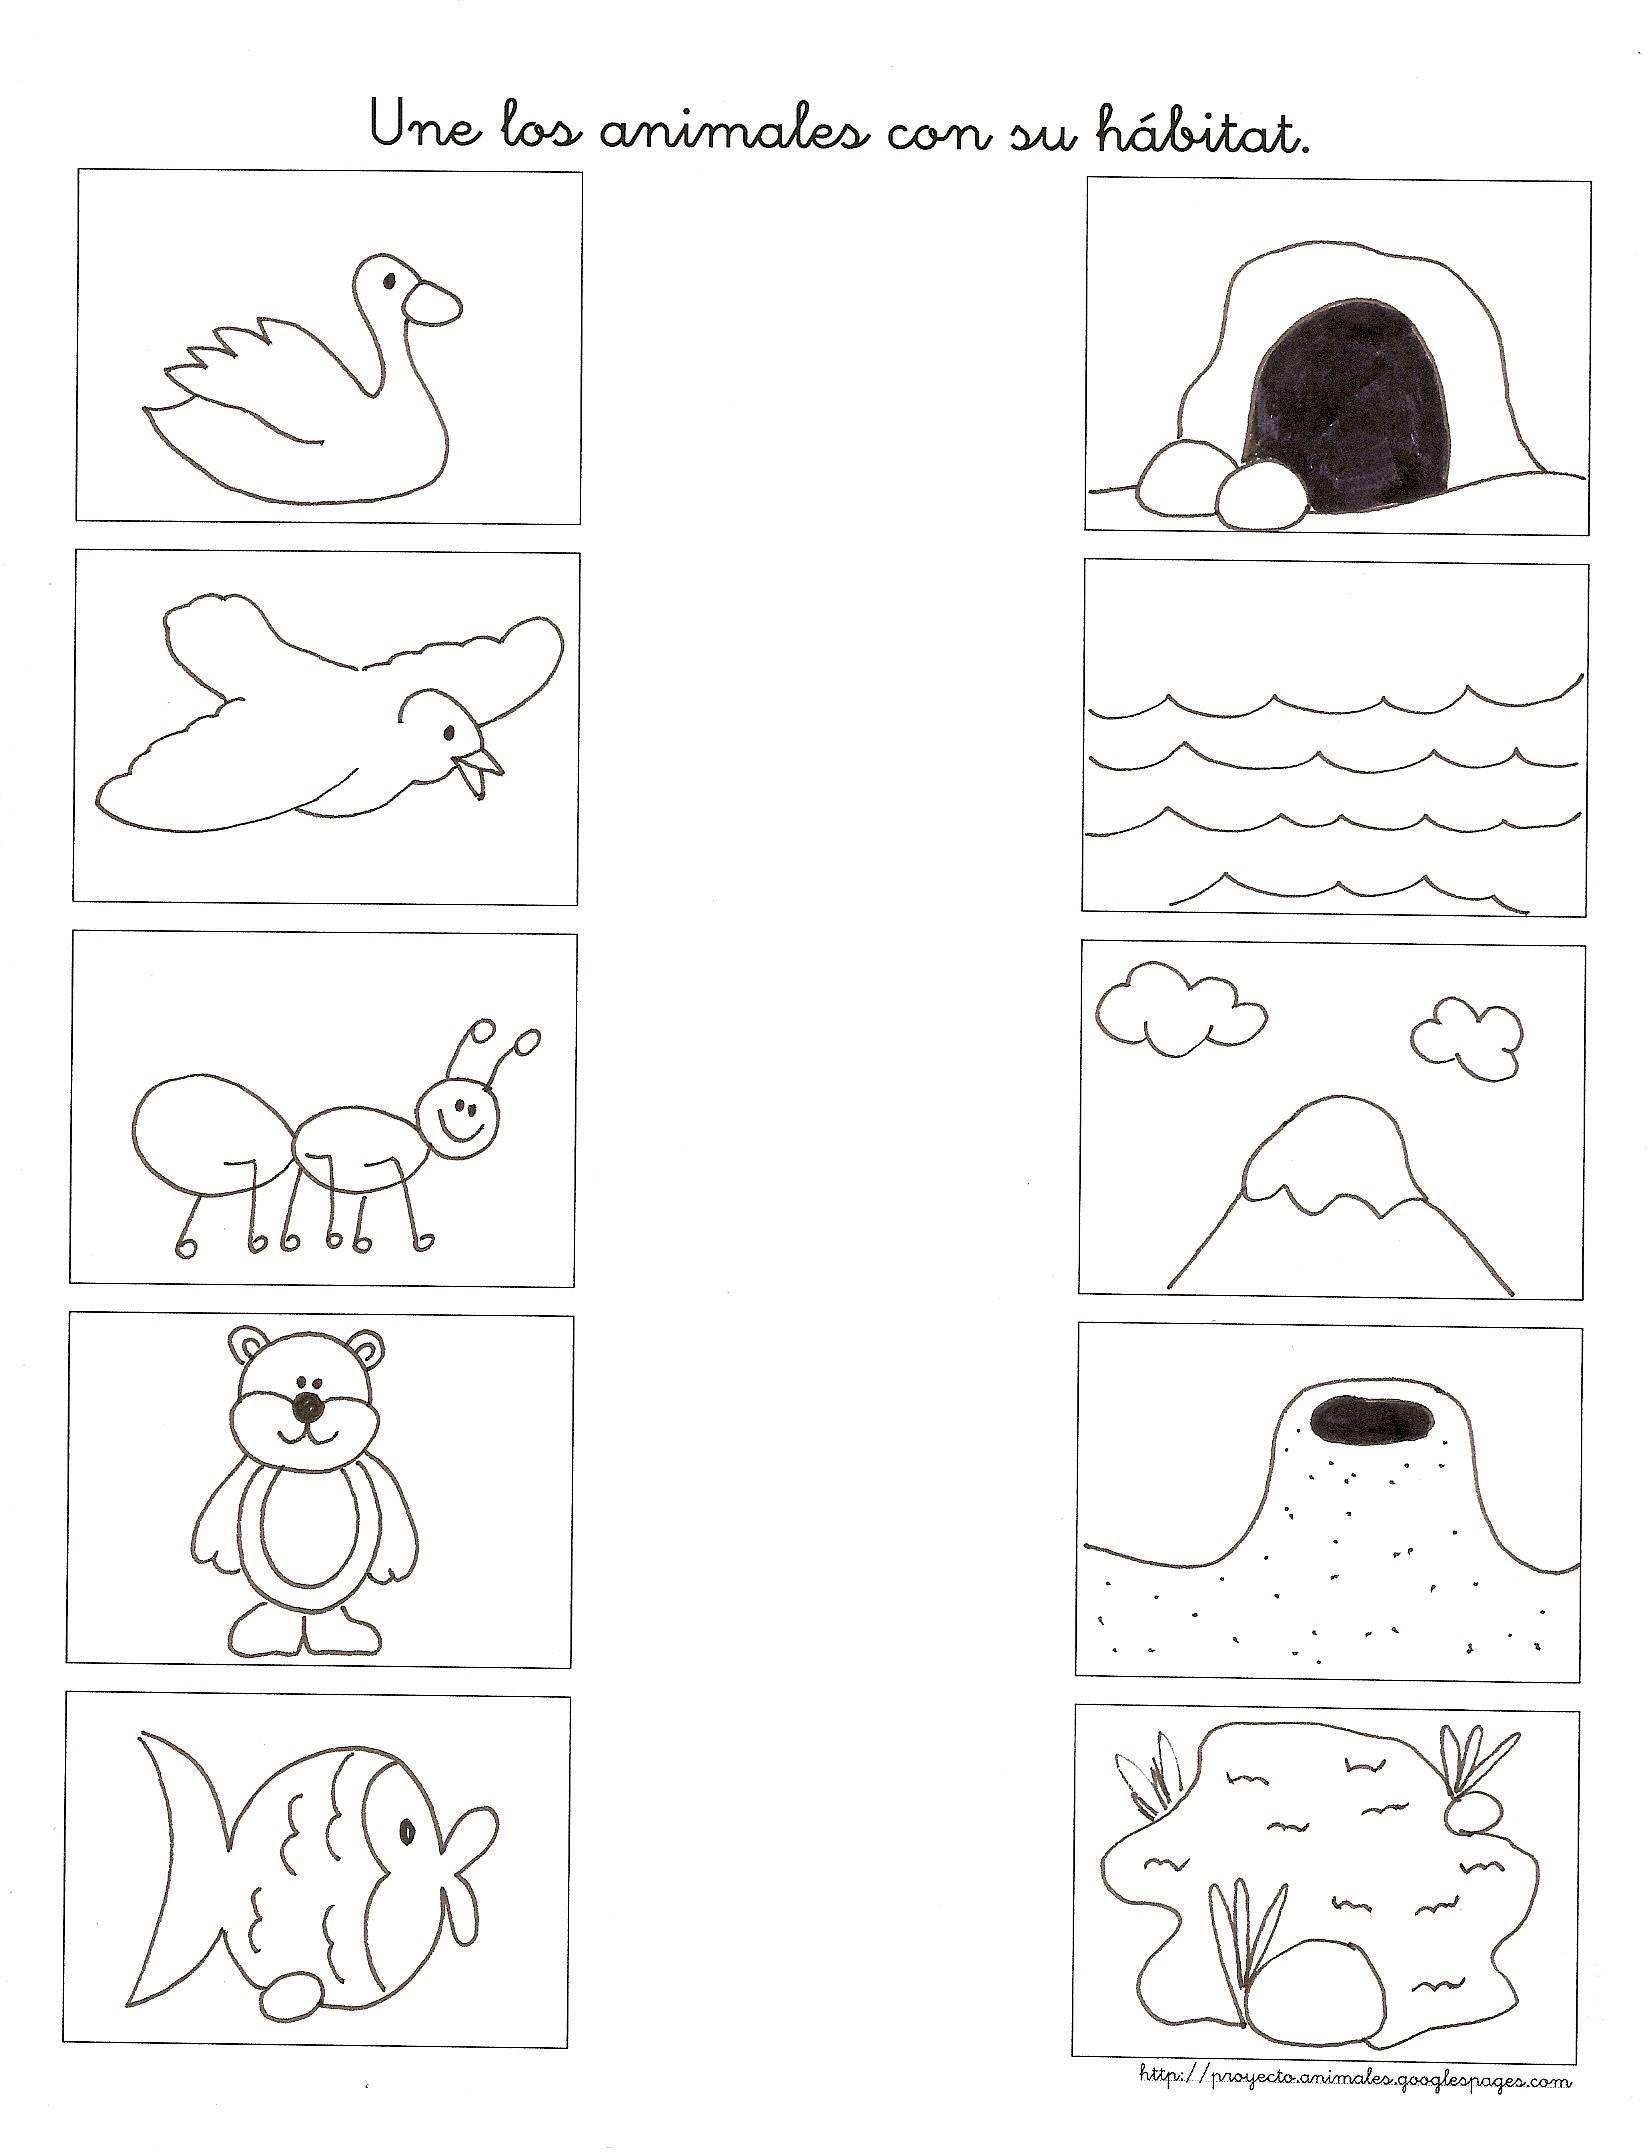 los animales y su habitat para niños - Buscar con Google | Educación ...